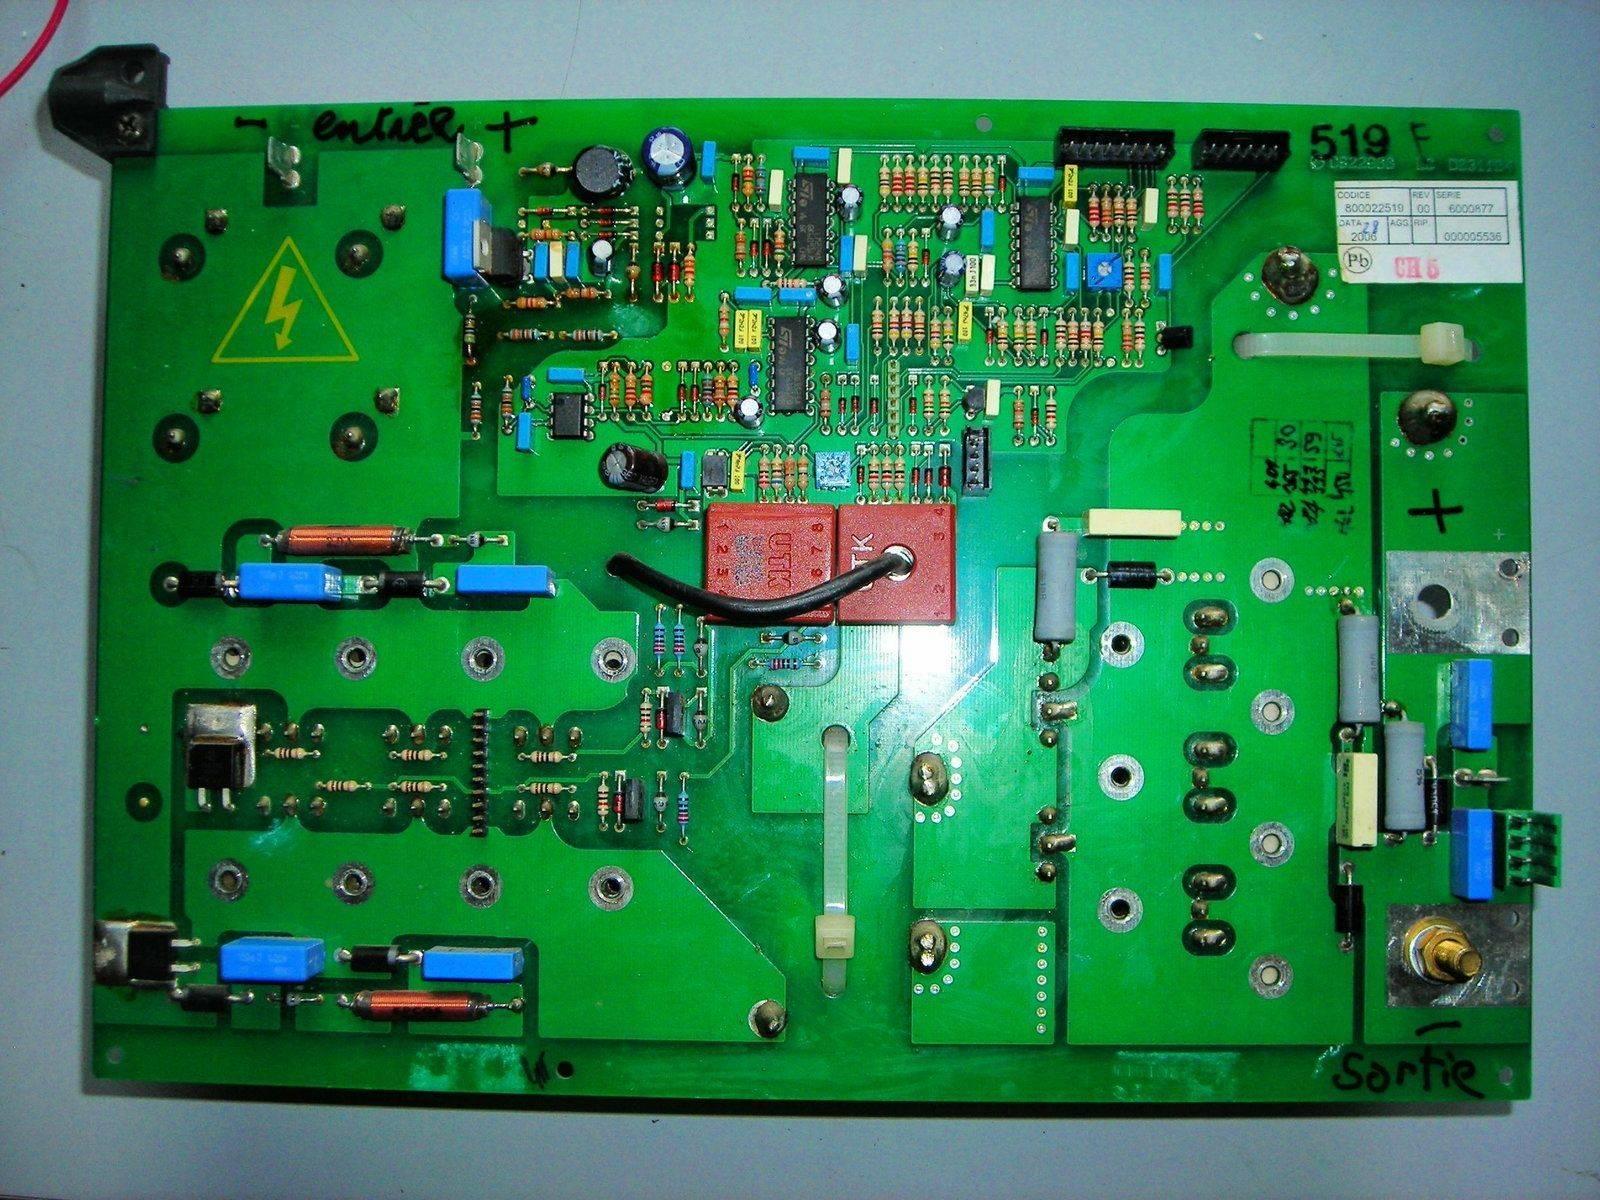 FSCN6030.JPG